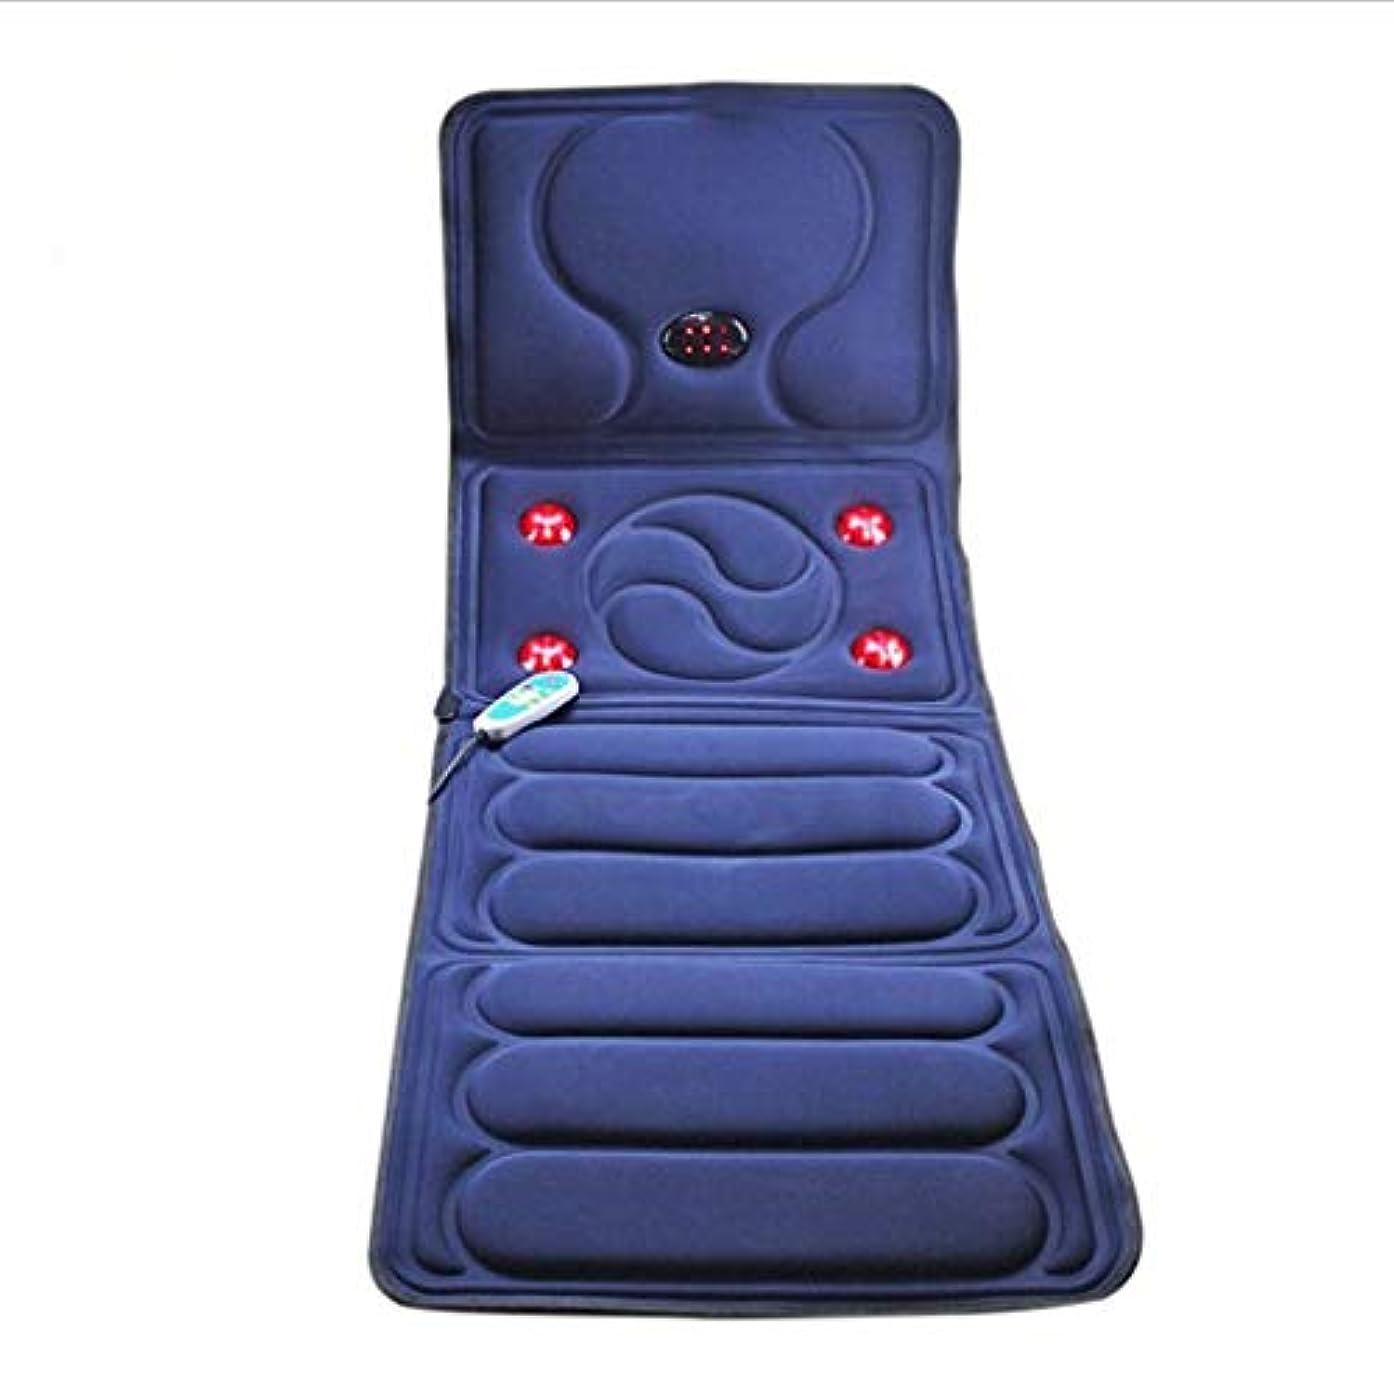 仲介者競争力のあるリフト全身マットレス多機能温熱療法電気赤外線マッサージクッション折りたたみ式身体振動健康理学療法マッサージャー165 * 60 CM,ブルー